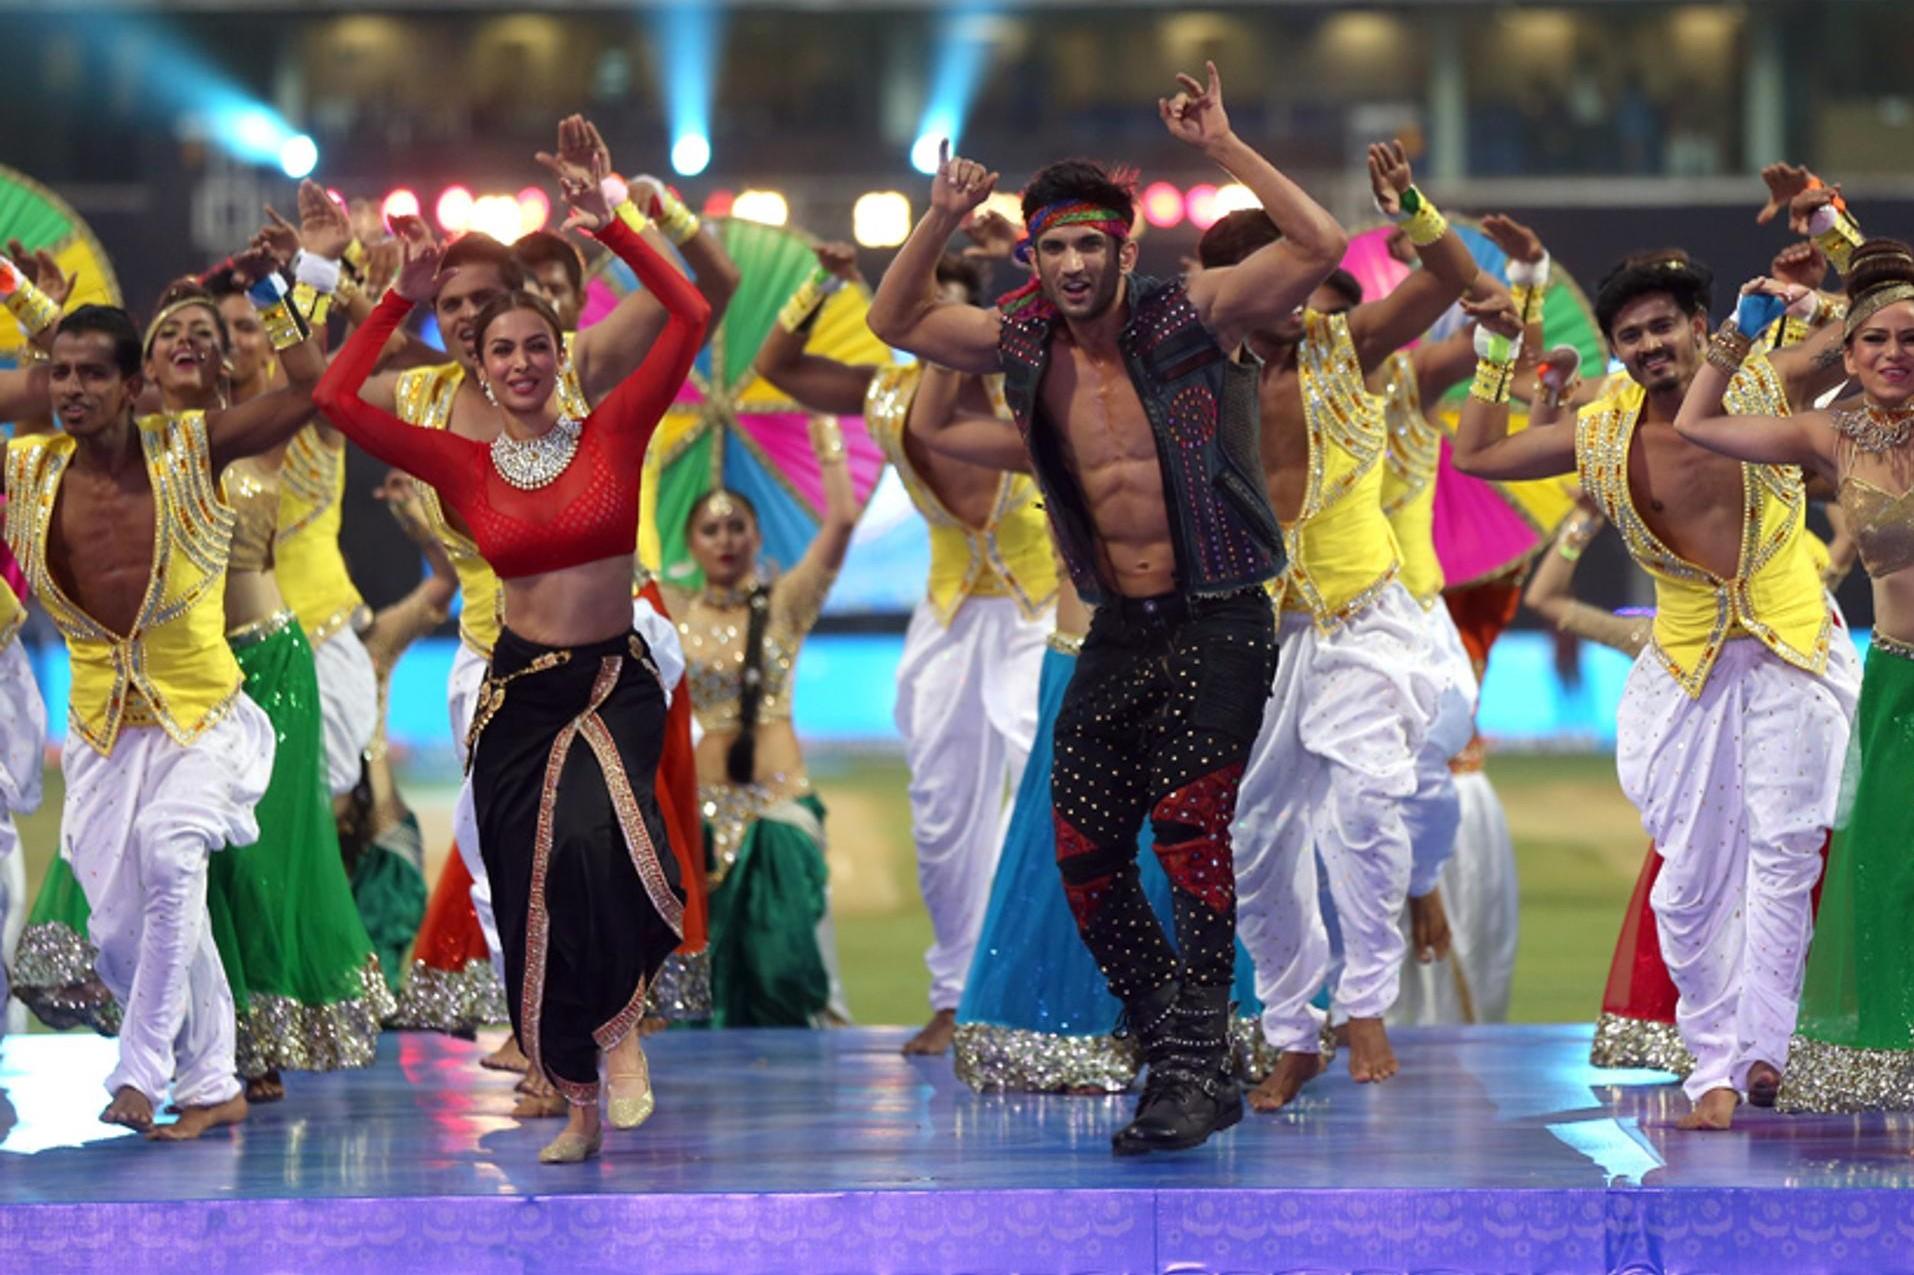 Photos: IPL10: वानखेड़े स्टेडियम में सुशांत सिंह राजपूत और मलाइका अरोड़ा ने बांधा समा 2